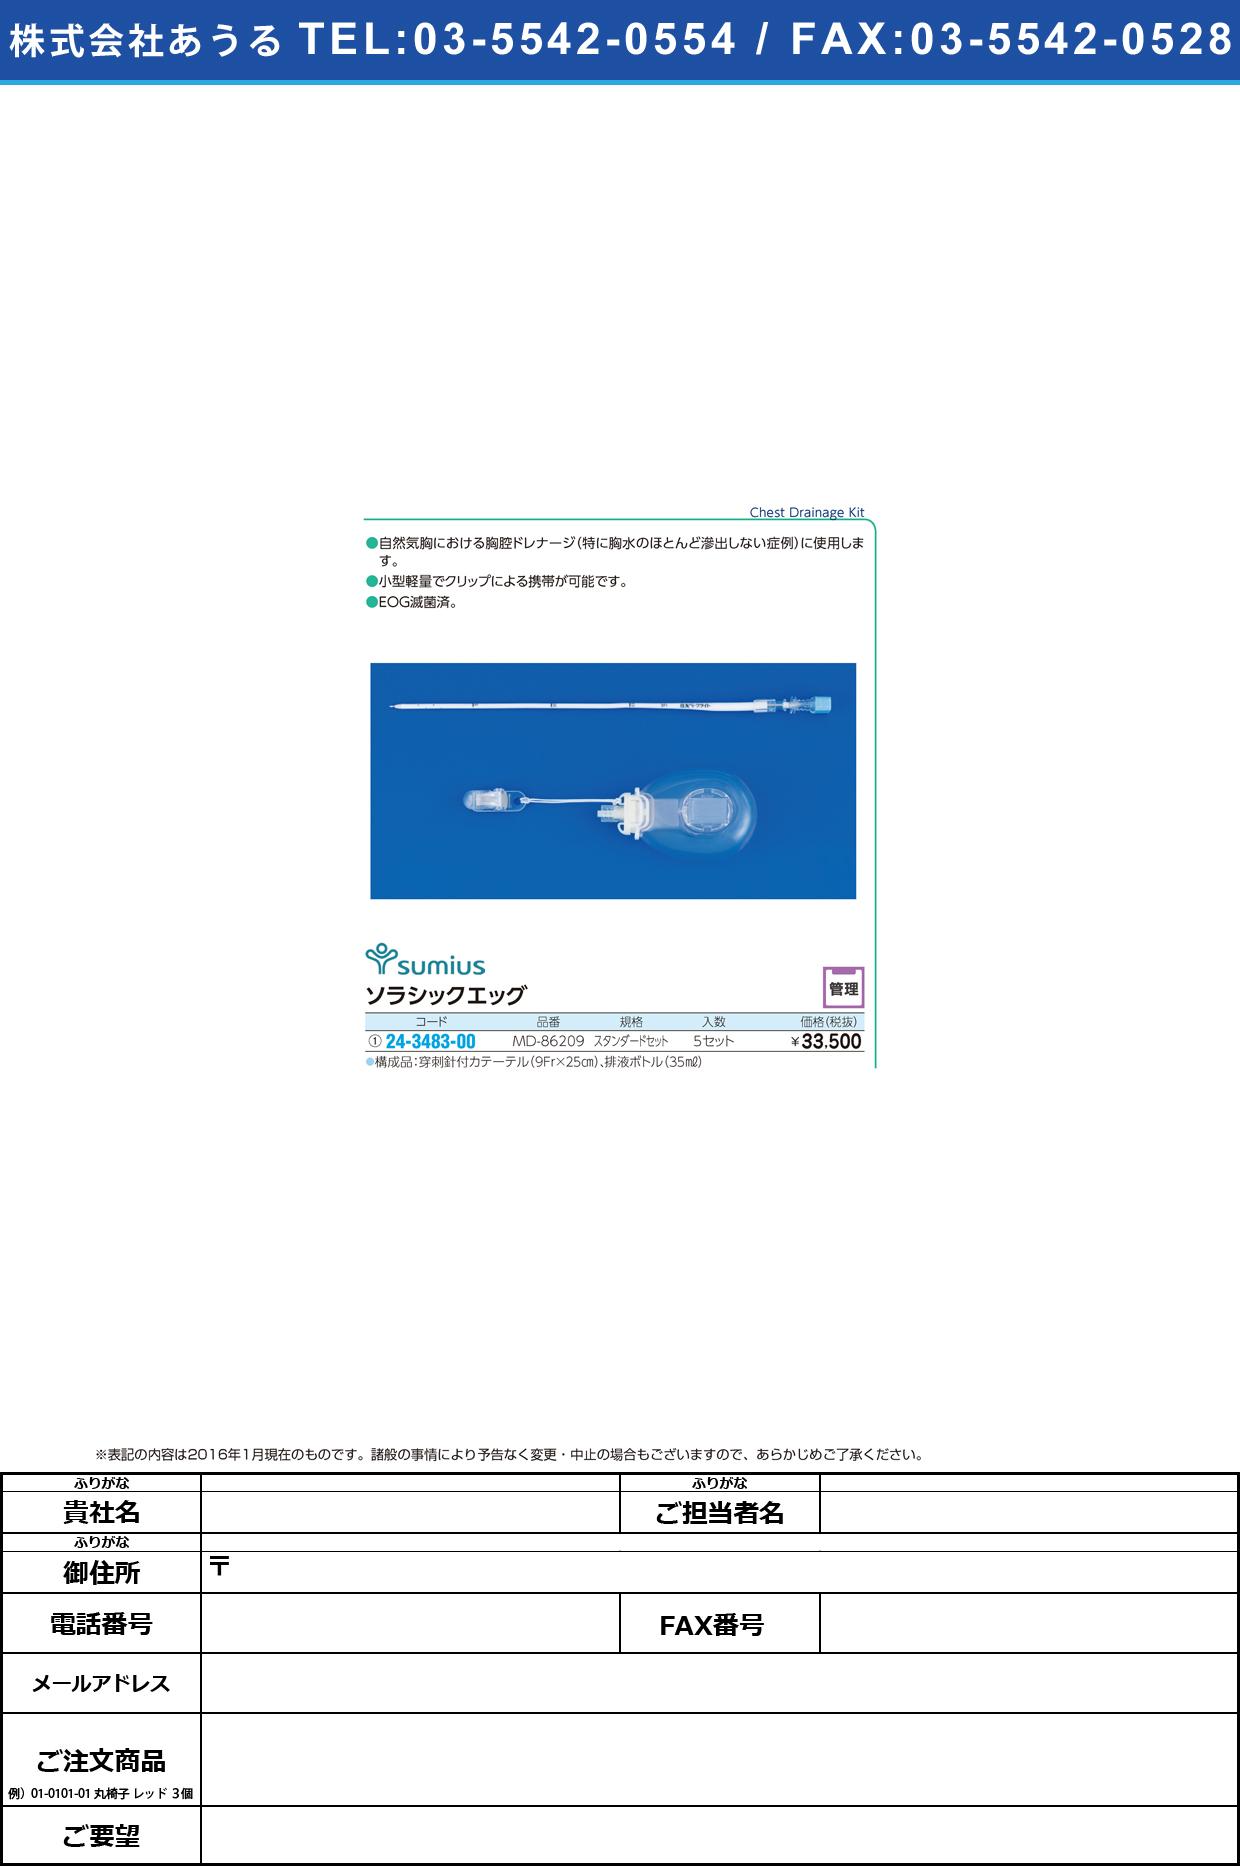 ソラシックエッグ  ソラシックエッグ MD-86209(5イリ)【1箱単位】